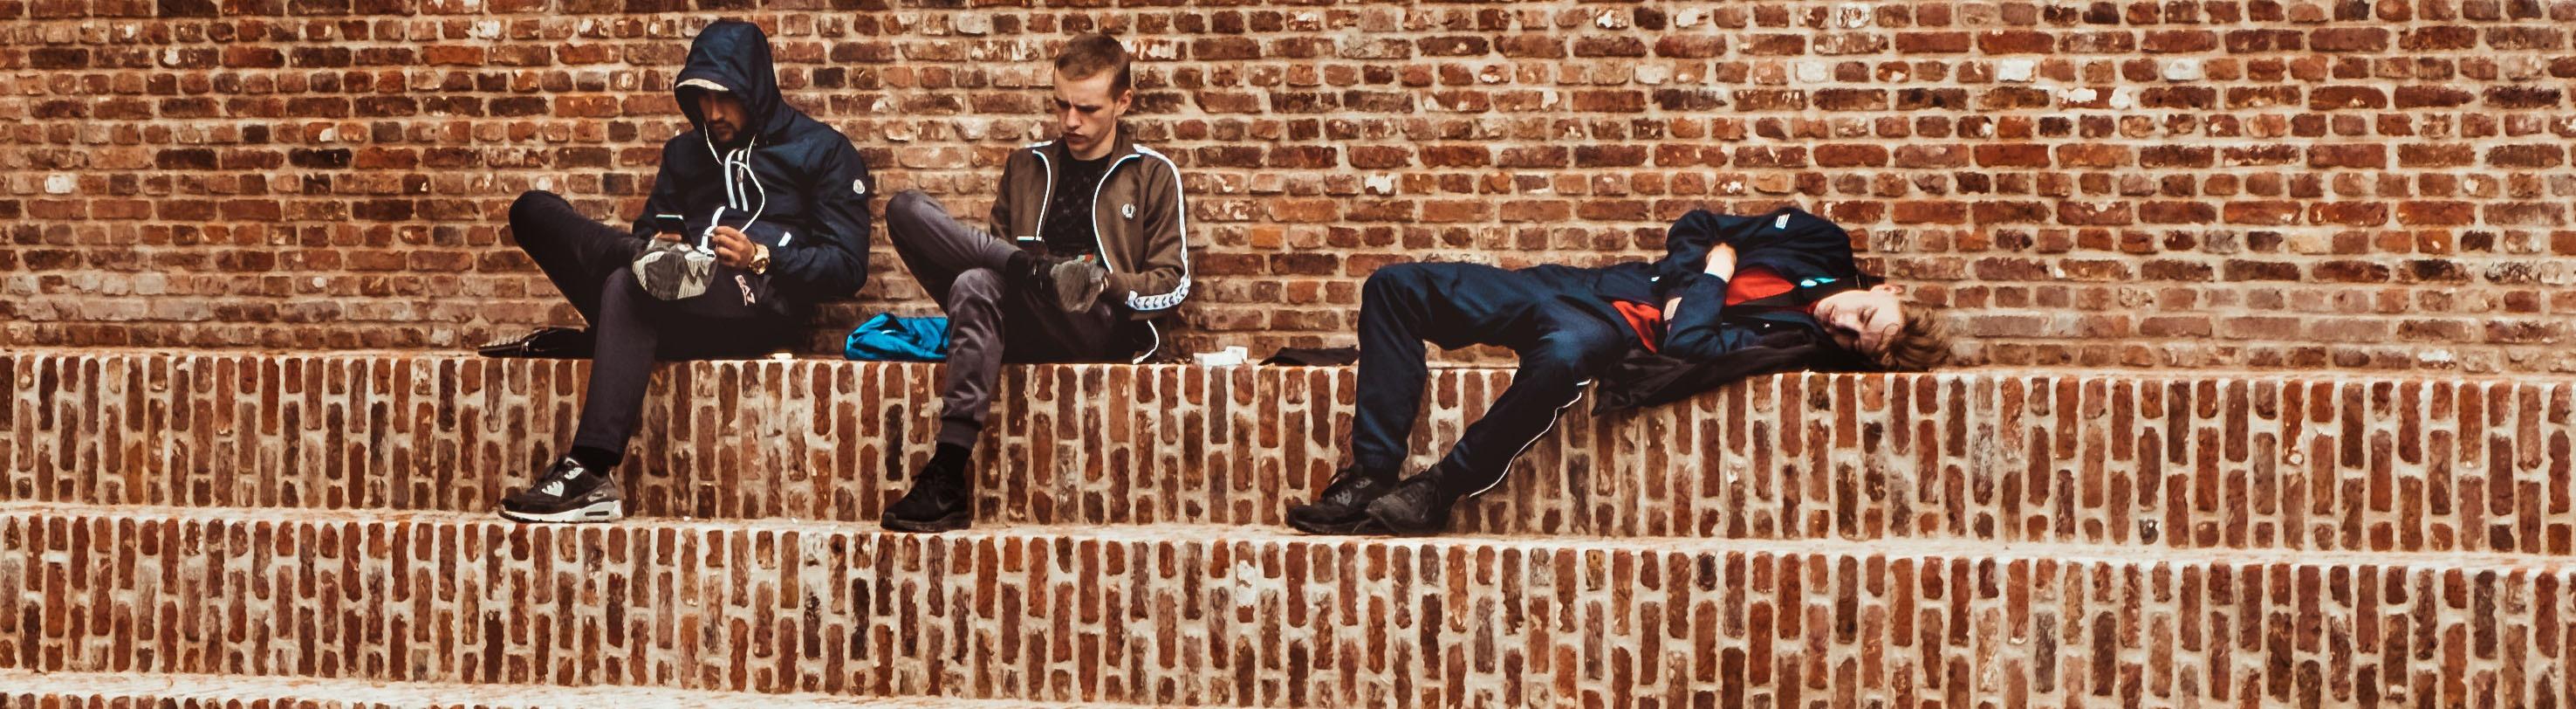 Drei Männer sitzen auf Stufen und schauen in ihr Smartphone.